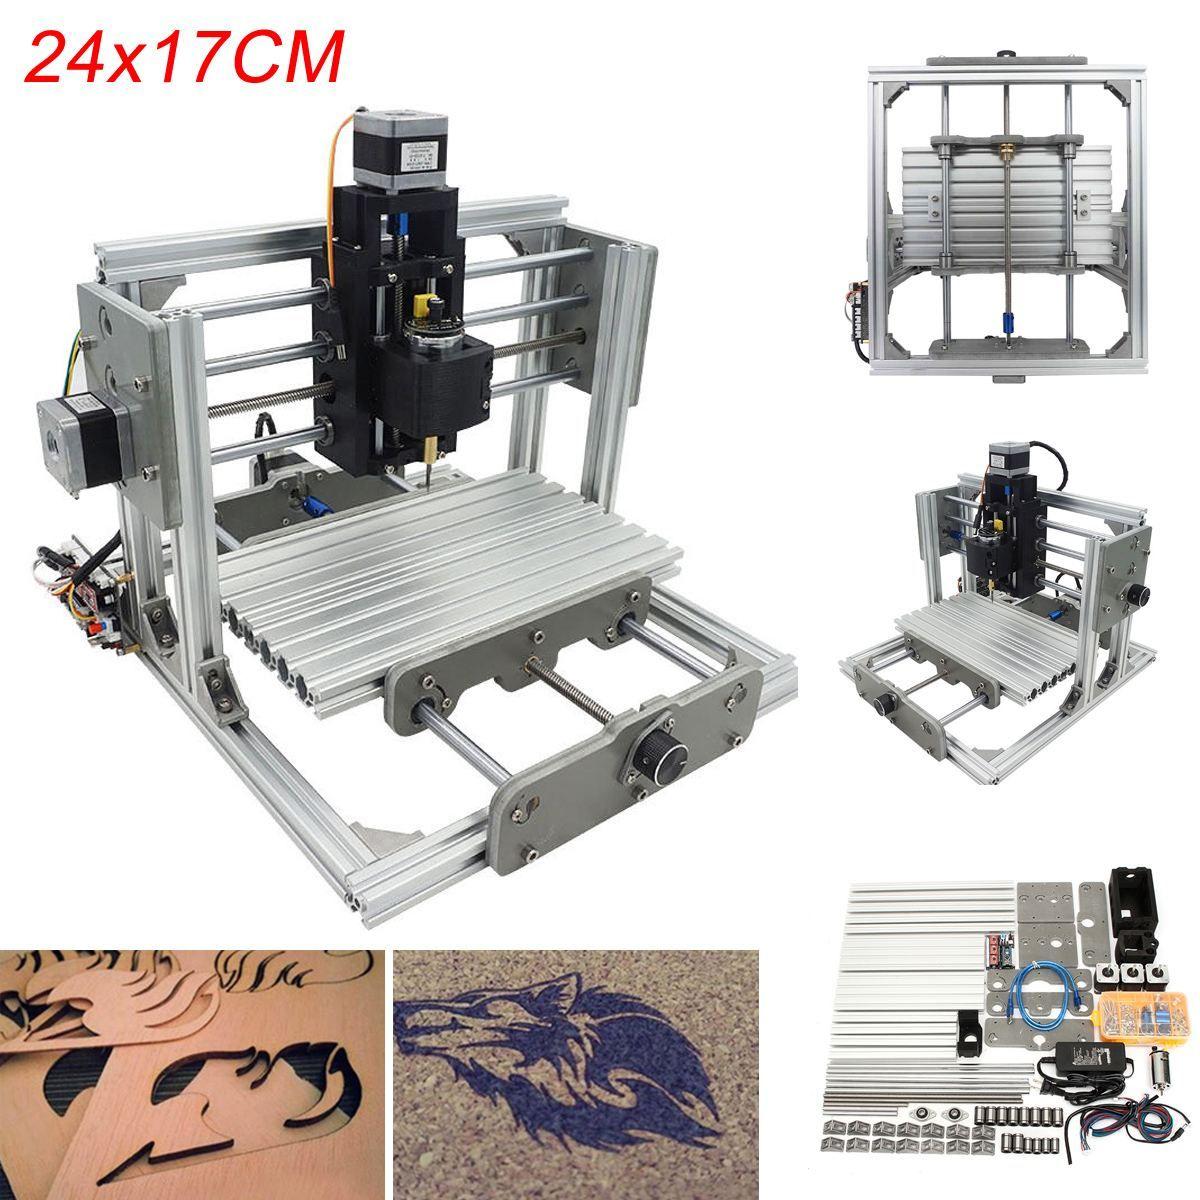 Mini 3 Achsen CNC DIY Gravur Fräsmaschine Montage Kit USB Desktop Metallstecher PCB Fräsmaschine Arbeitsbereich 24x17 cm